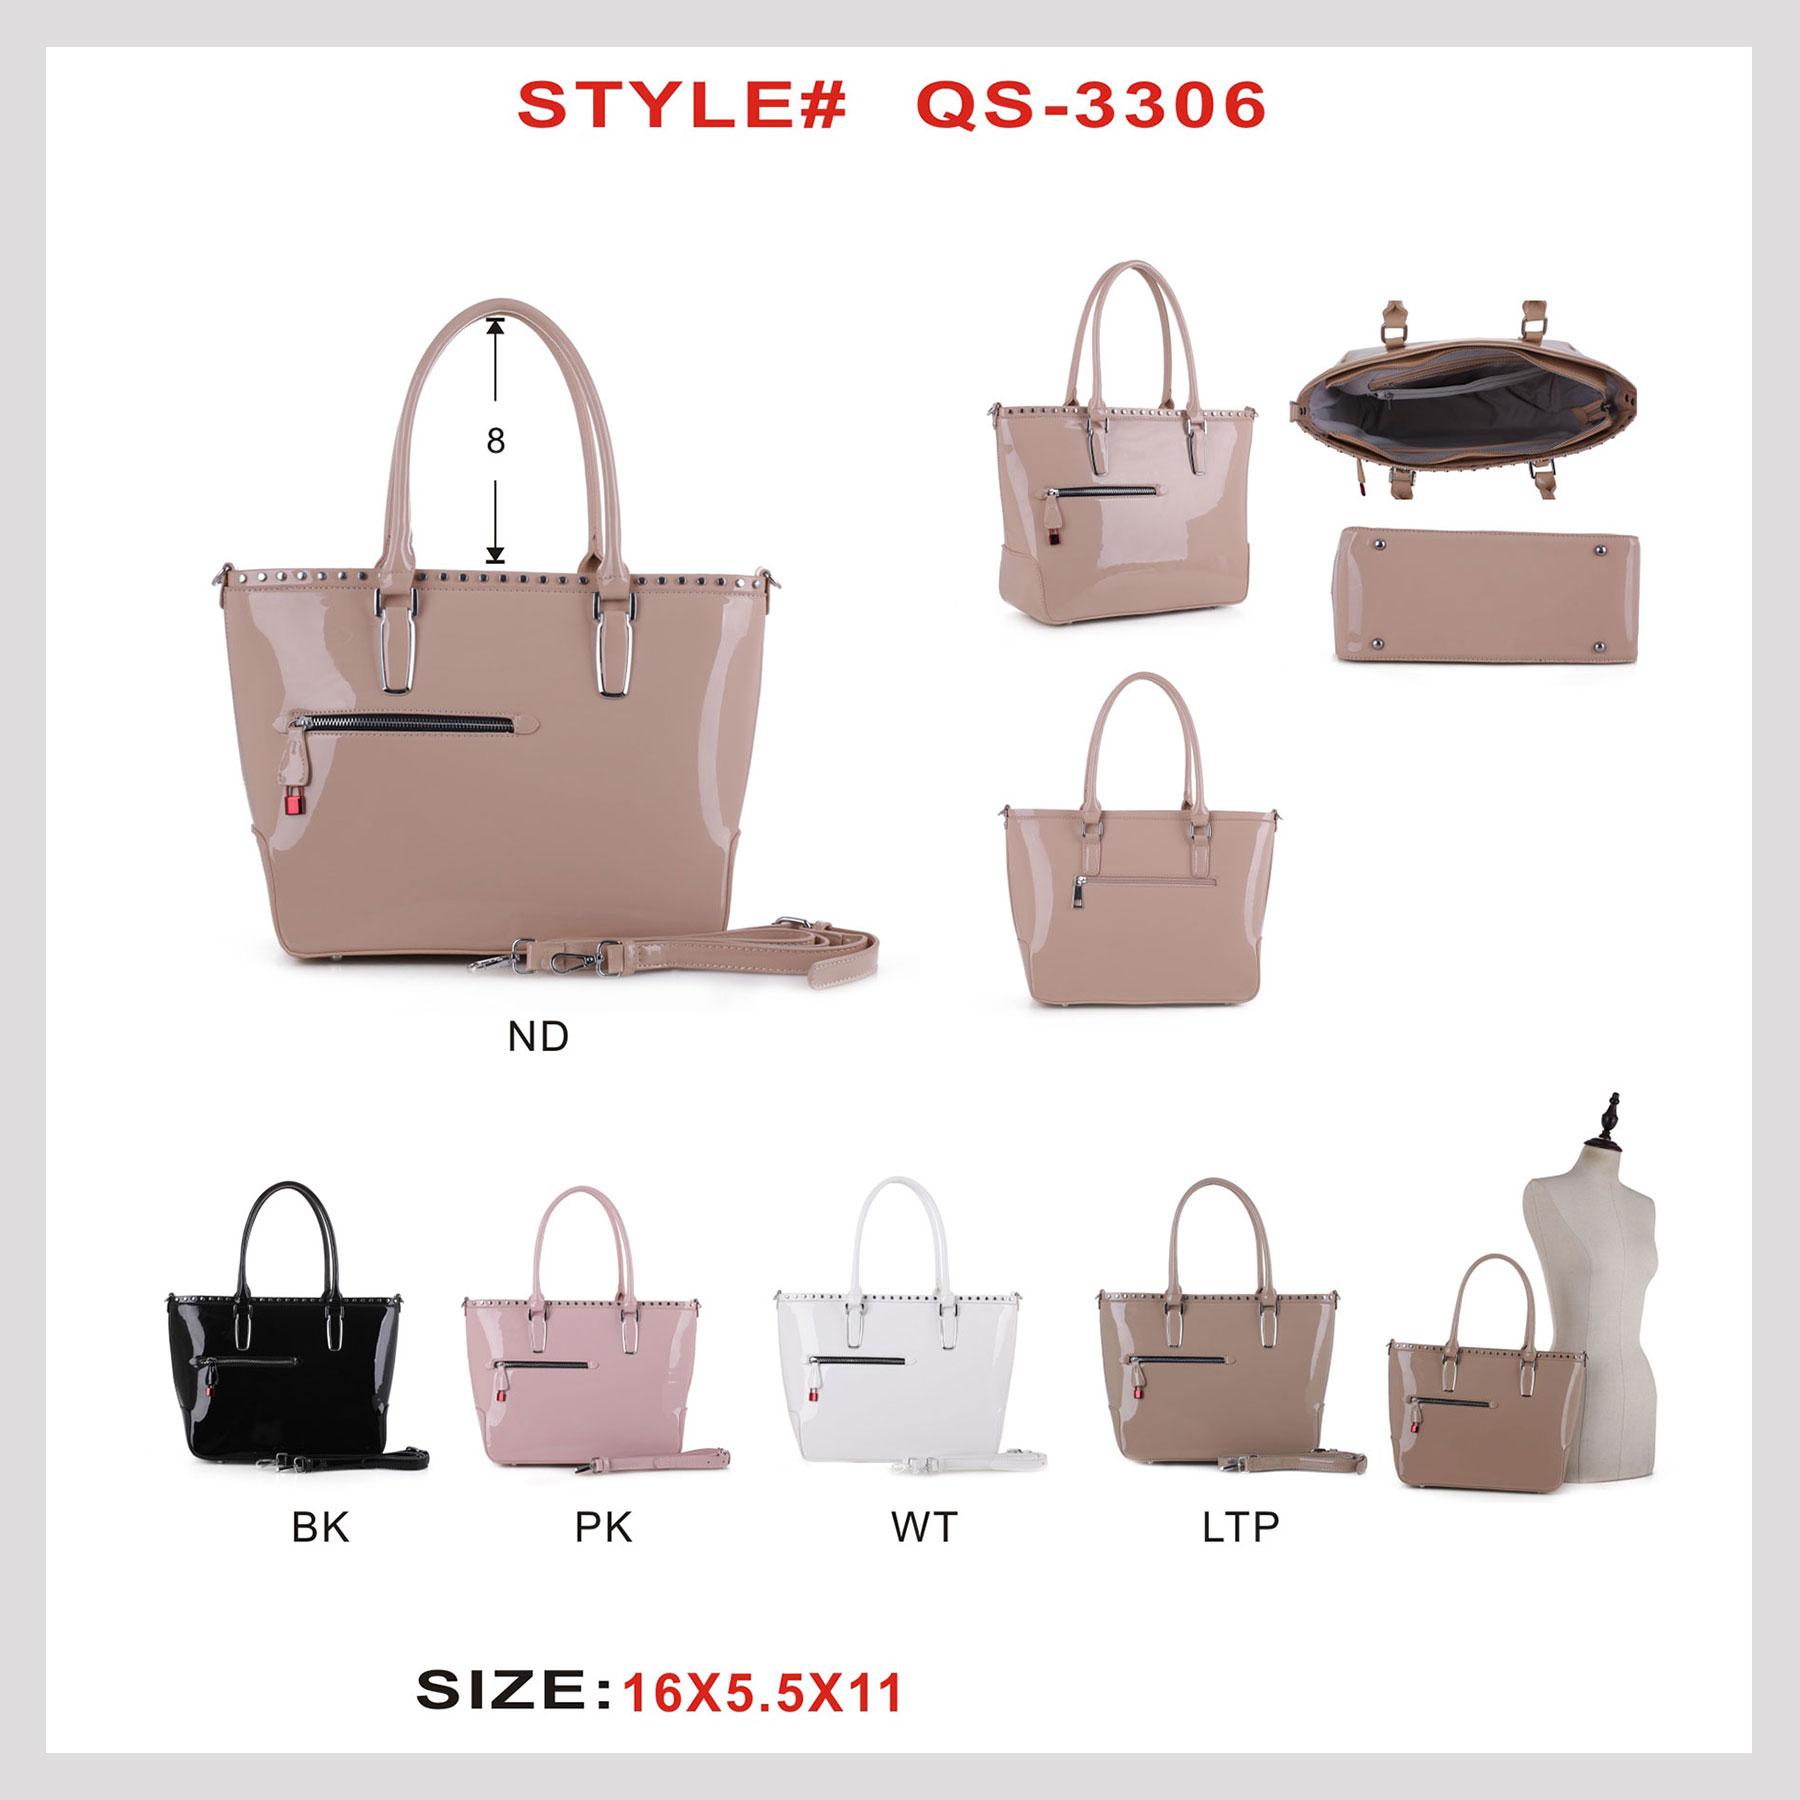 QS-3306.jpg